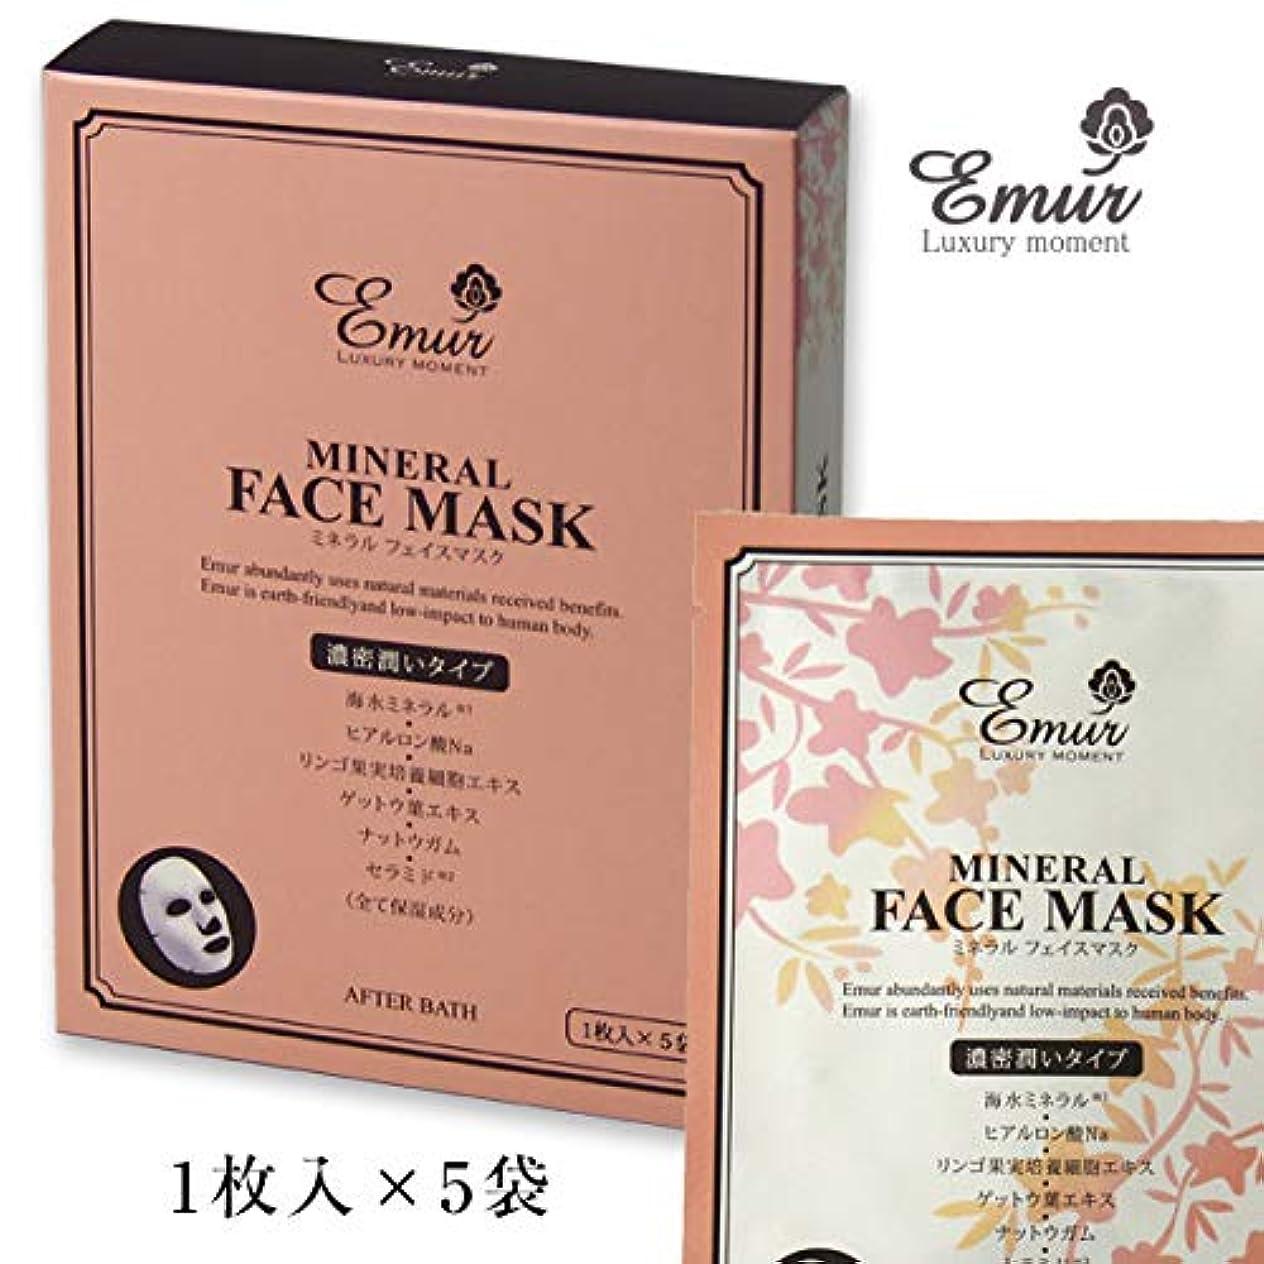 コンセンサス自分のためにスーダンエミュール ミネラル フェイスマスク 1枚入×5袋